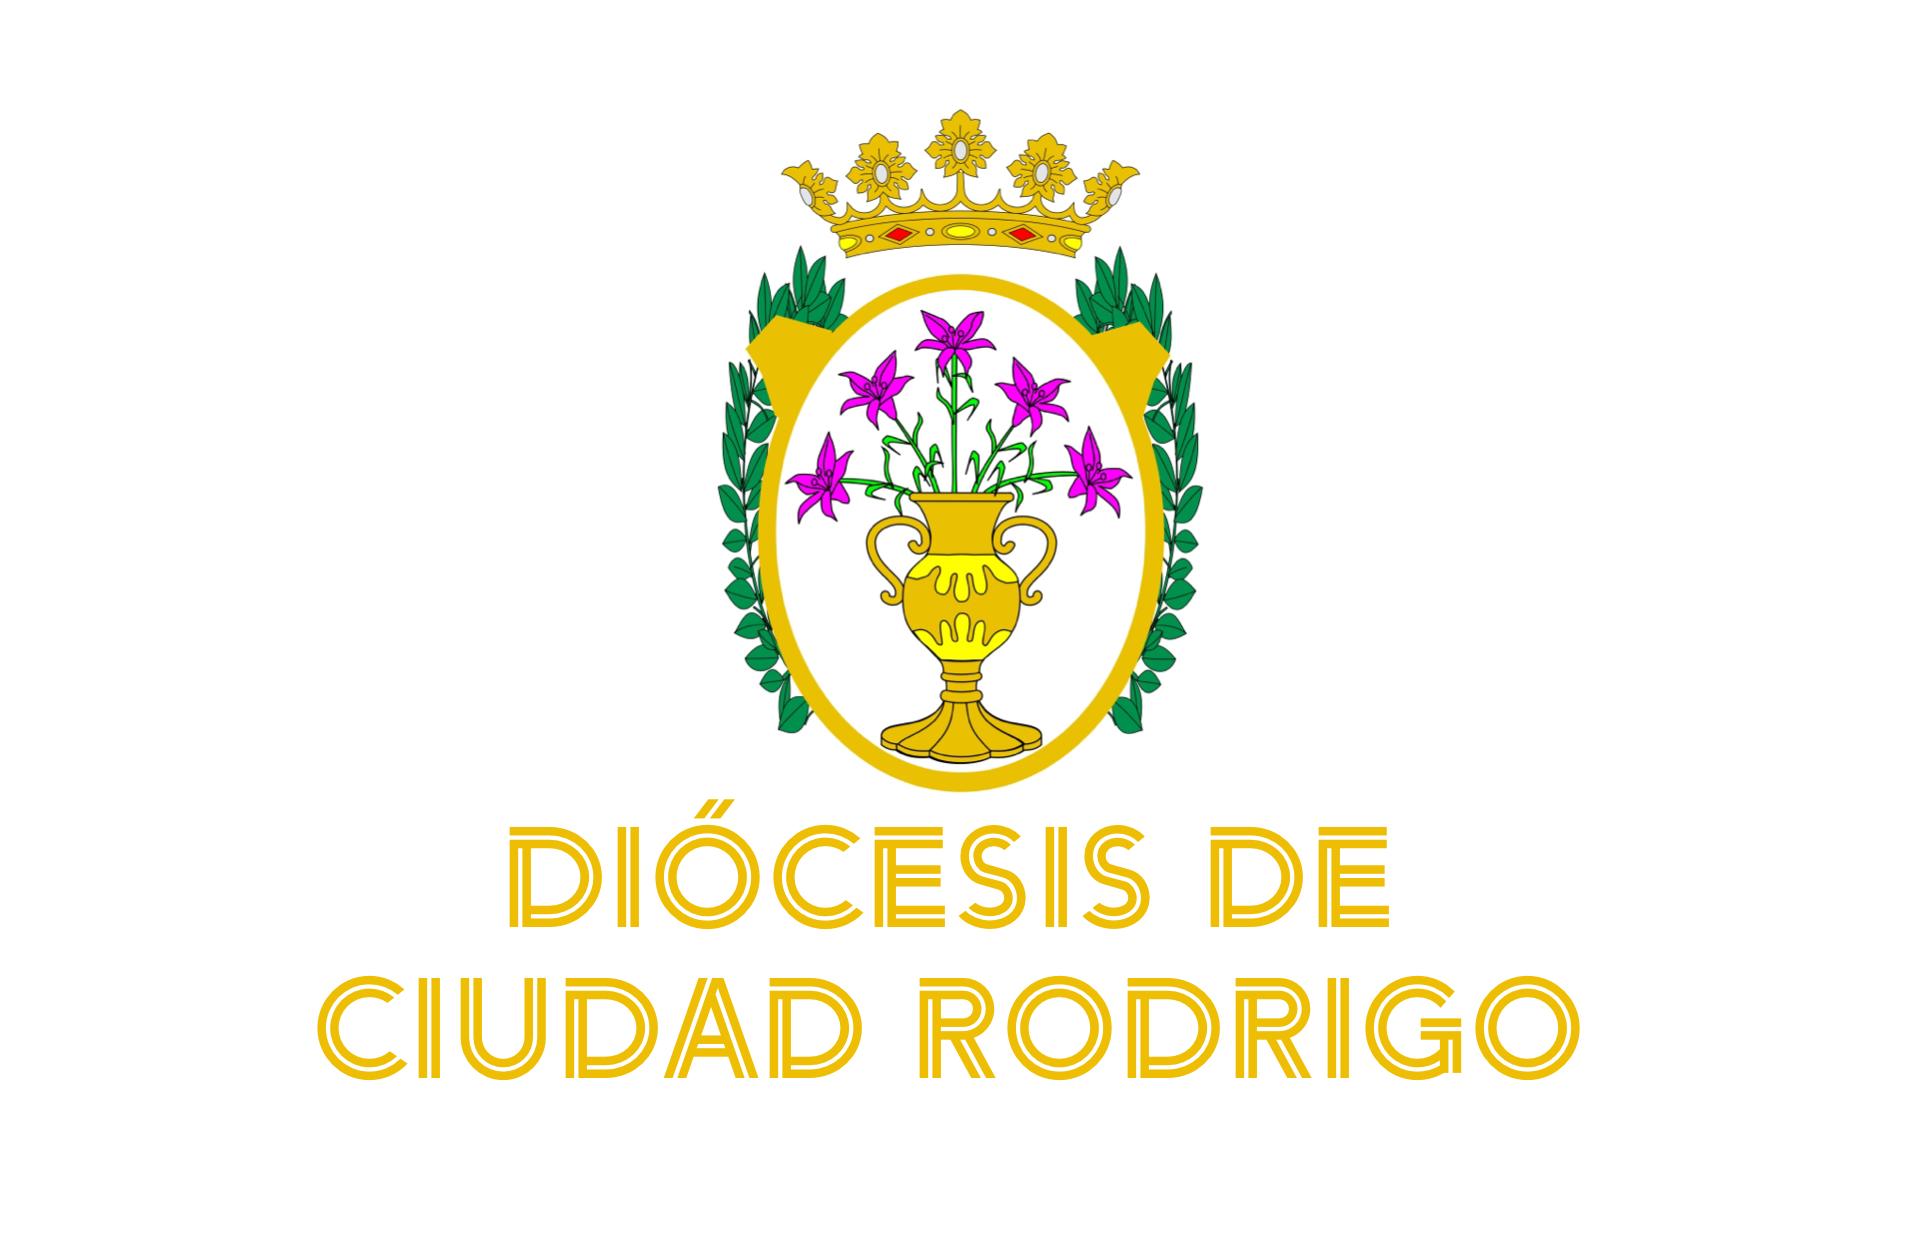 diocesis de ciudad rodrigo_03